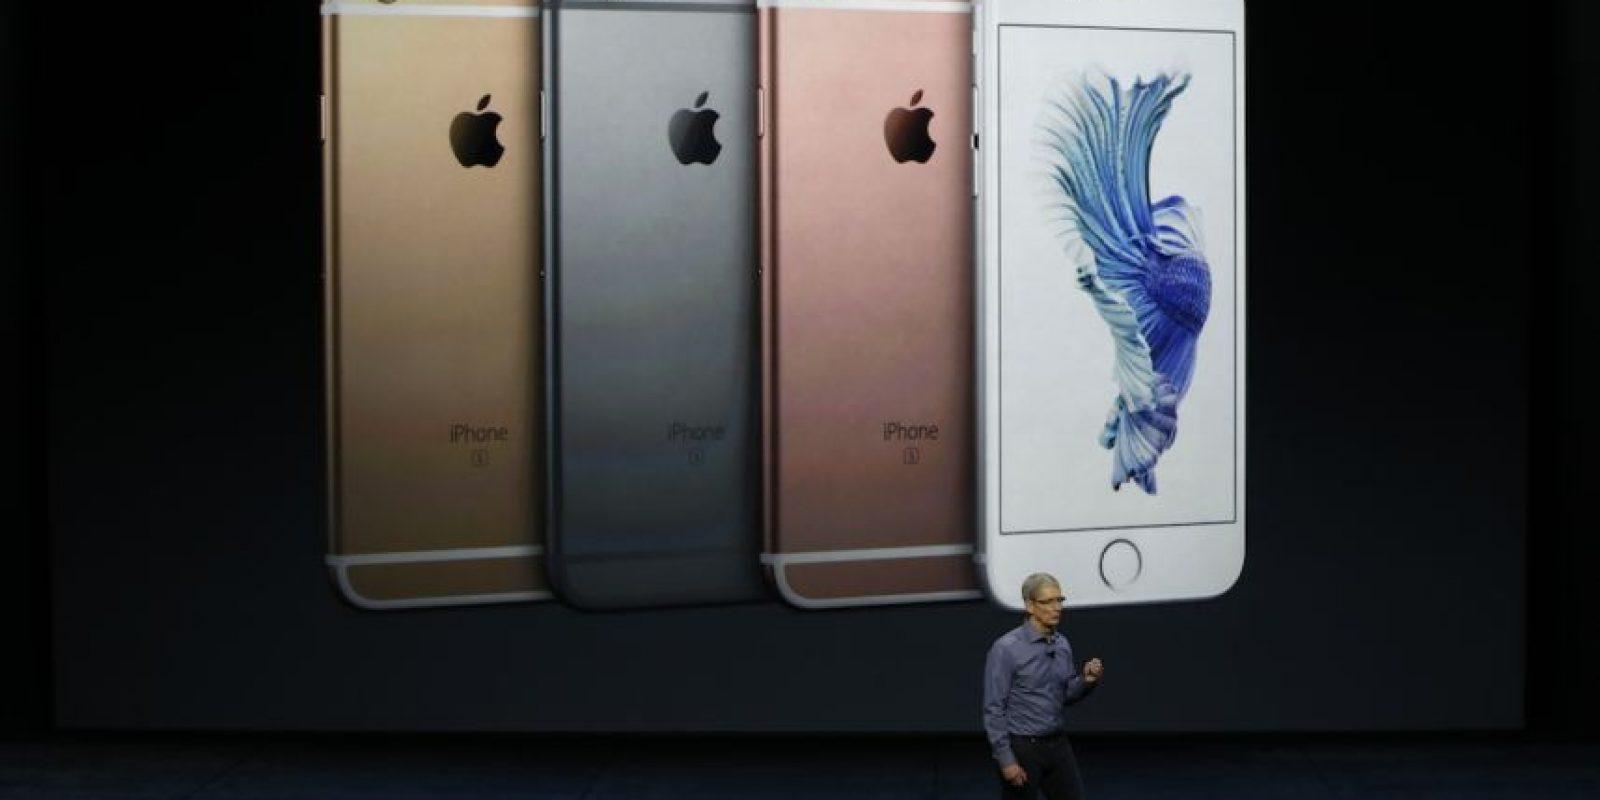 Existen tres modelos, por ejemplo, el iPhone 6s de 16GB tiene un costo de 649 dólares, pero si no es suficiente, deben desembolsar 100 dólares más por 64GB (749 dólares) o pagar 849 dólares por 128GB. Foto:Getty Images